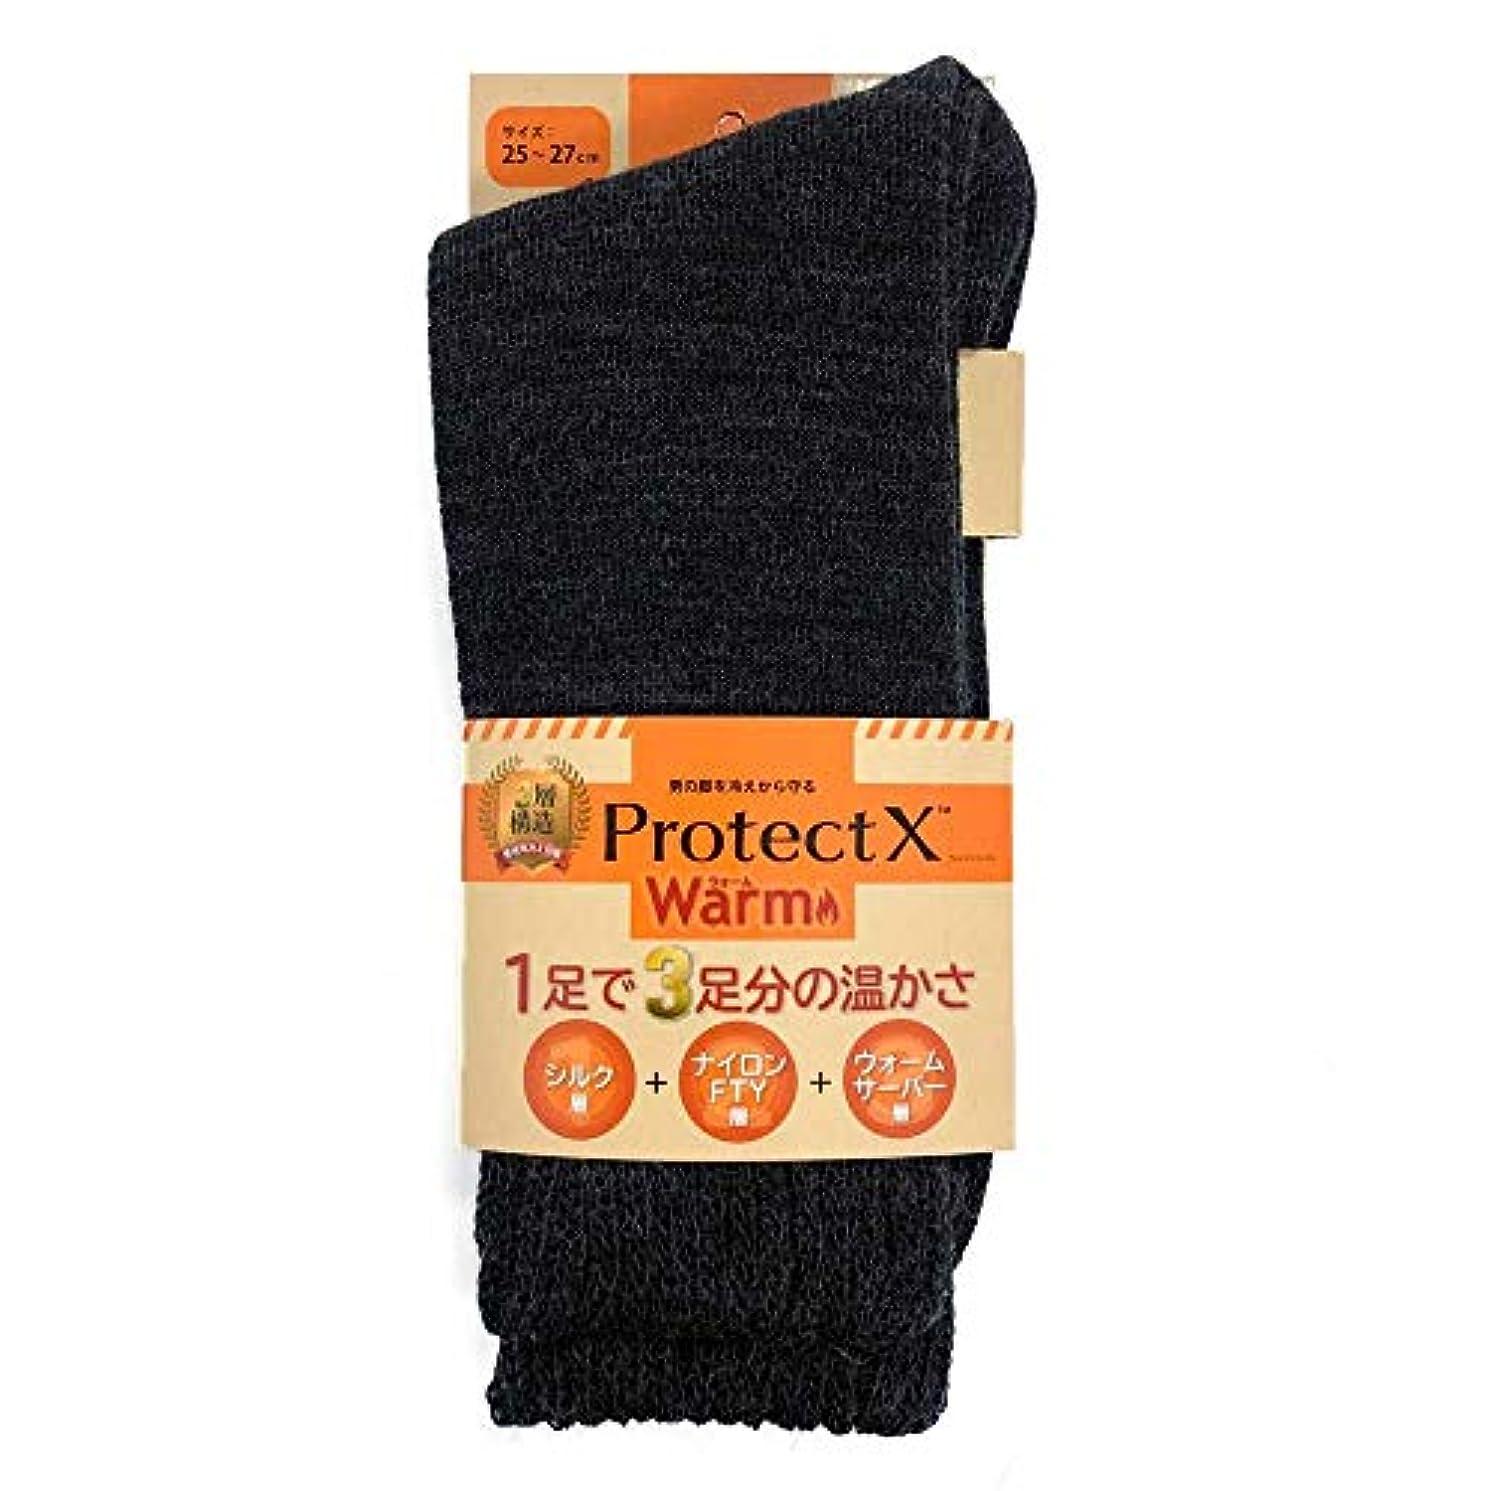 嵐が丘霧華氏冷え性対策 履き口柔らか 男性用冷え対策 シルク100%(内側) 3層構造 防寒ソックス 25-27cm チャコールグレー